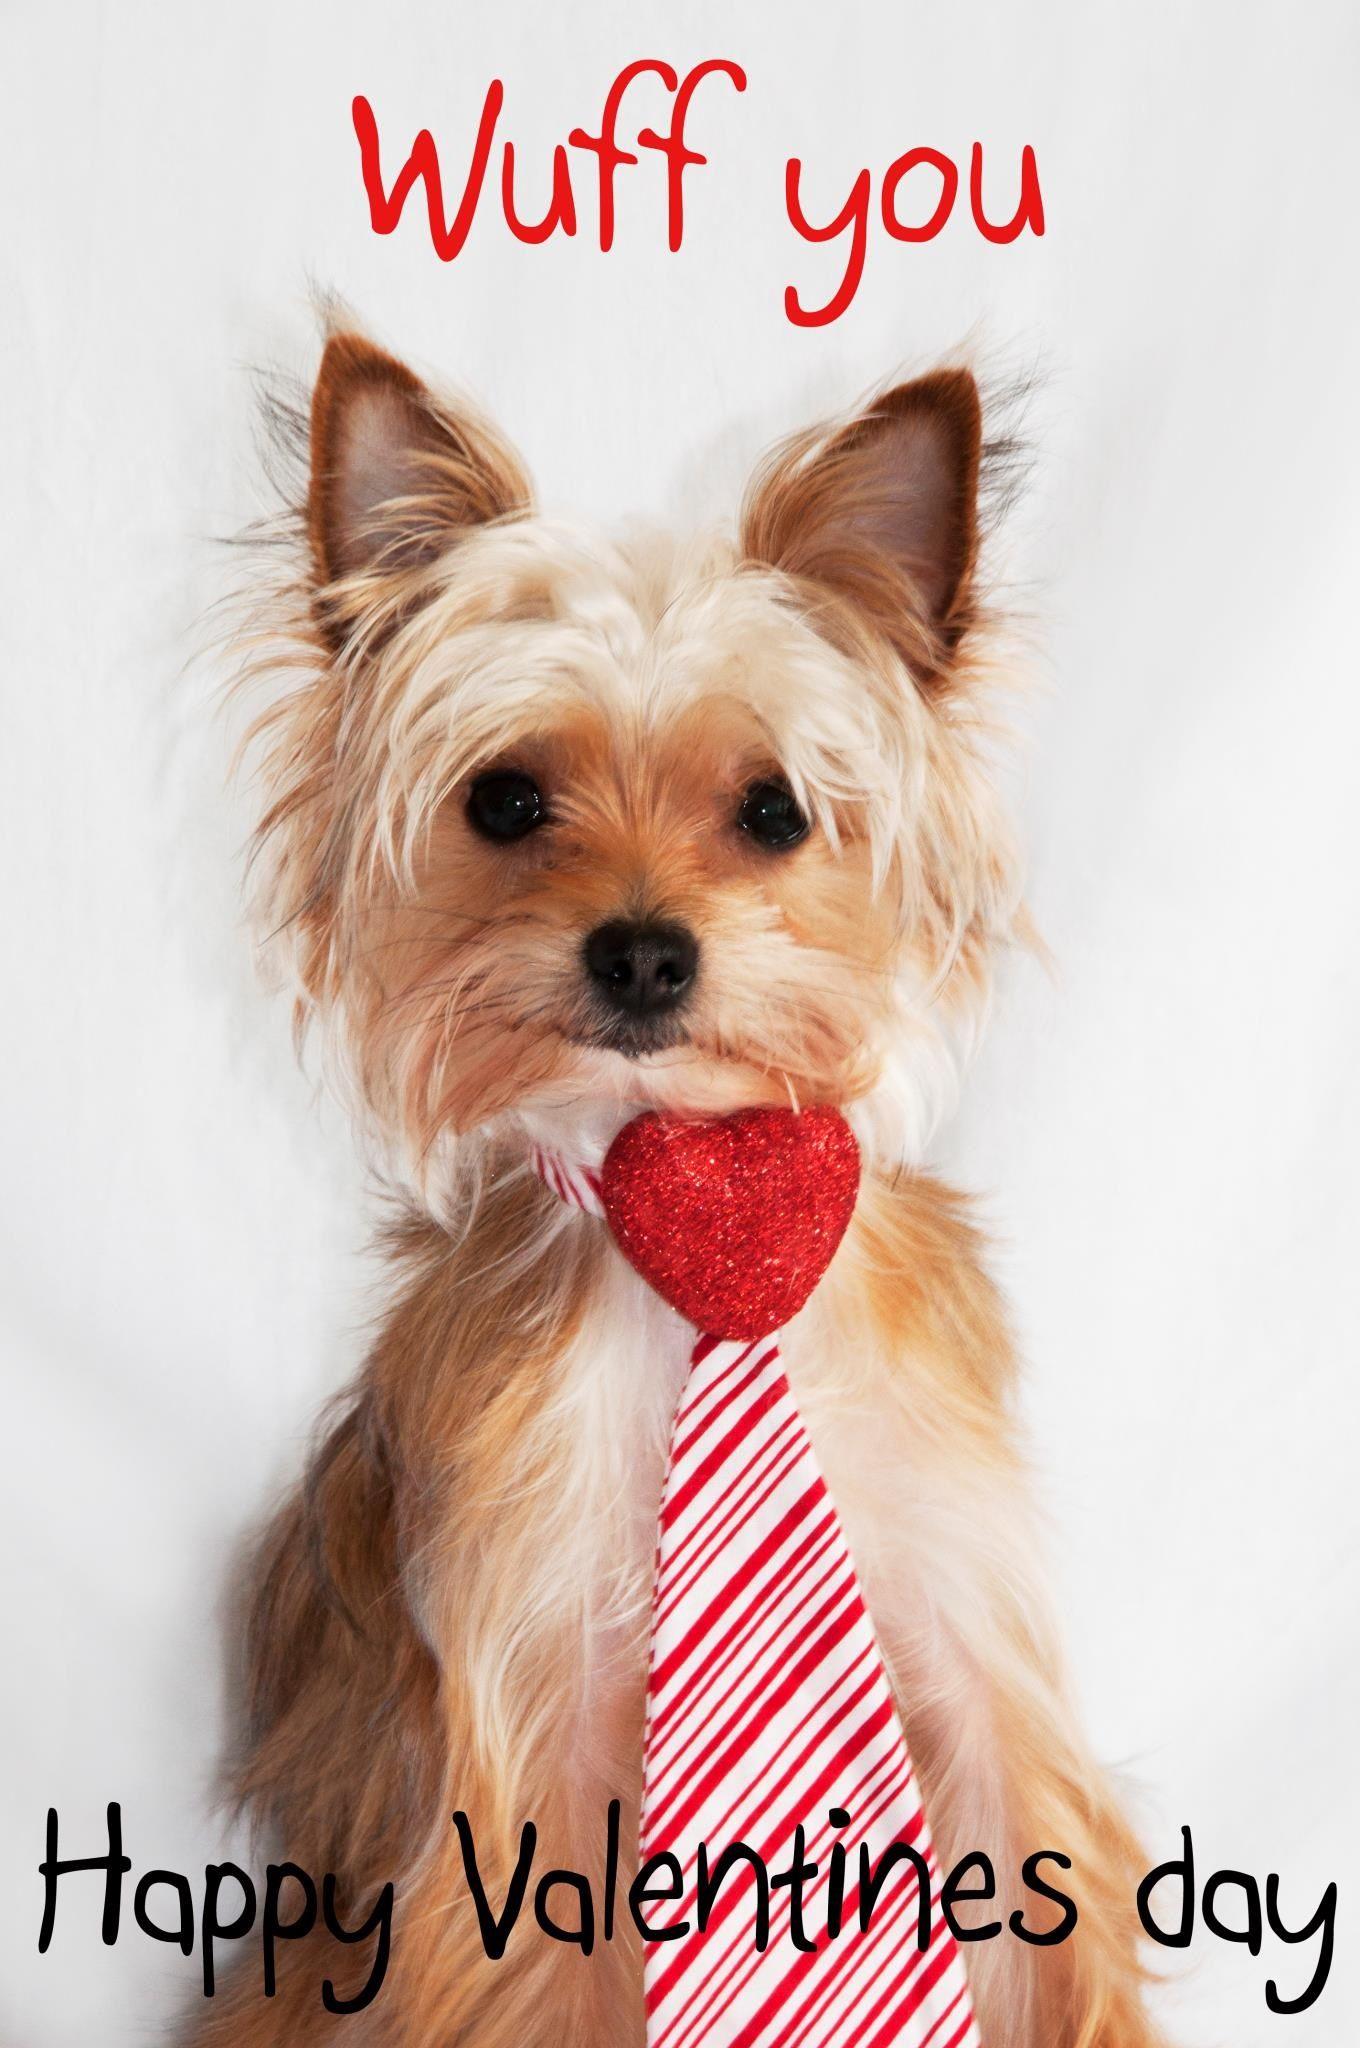 Valentines Day Yorkie Wuff You Yorkie Puppy Valentines Happy Valentines Day